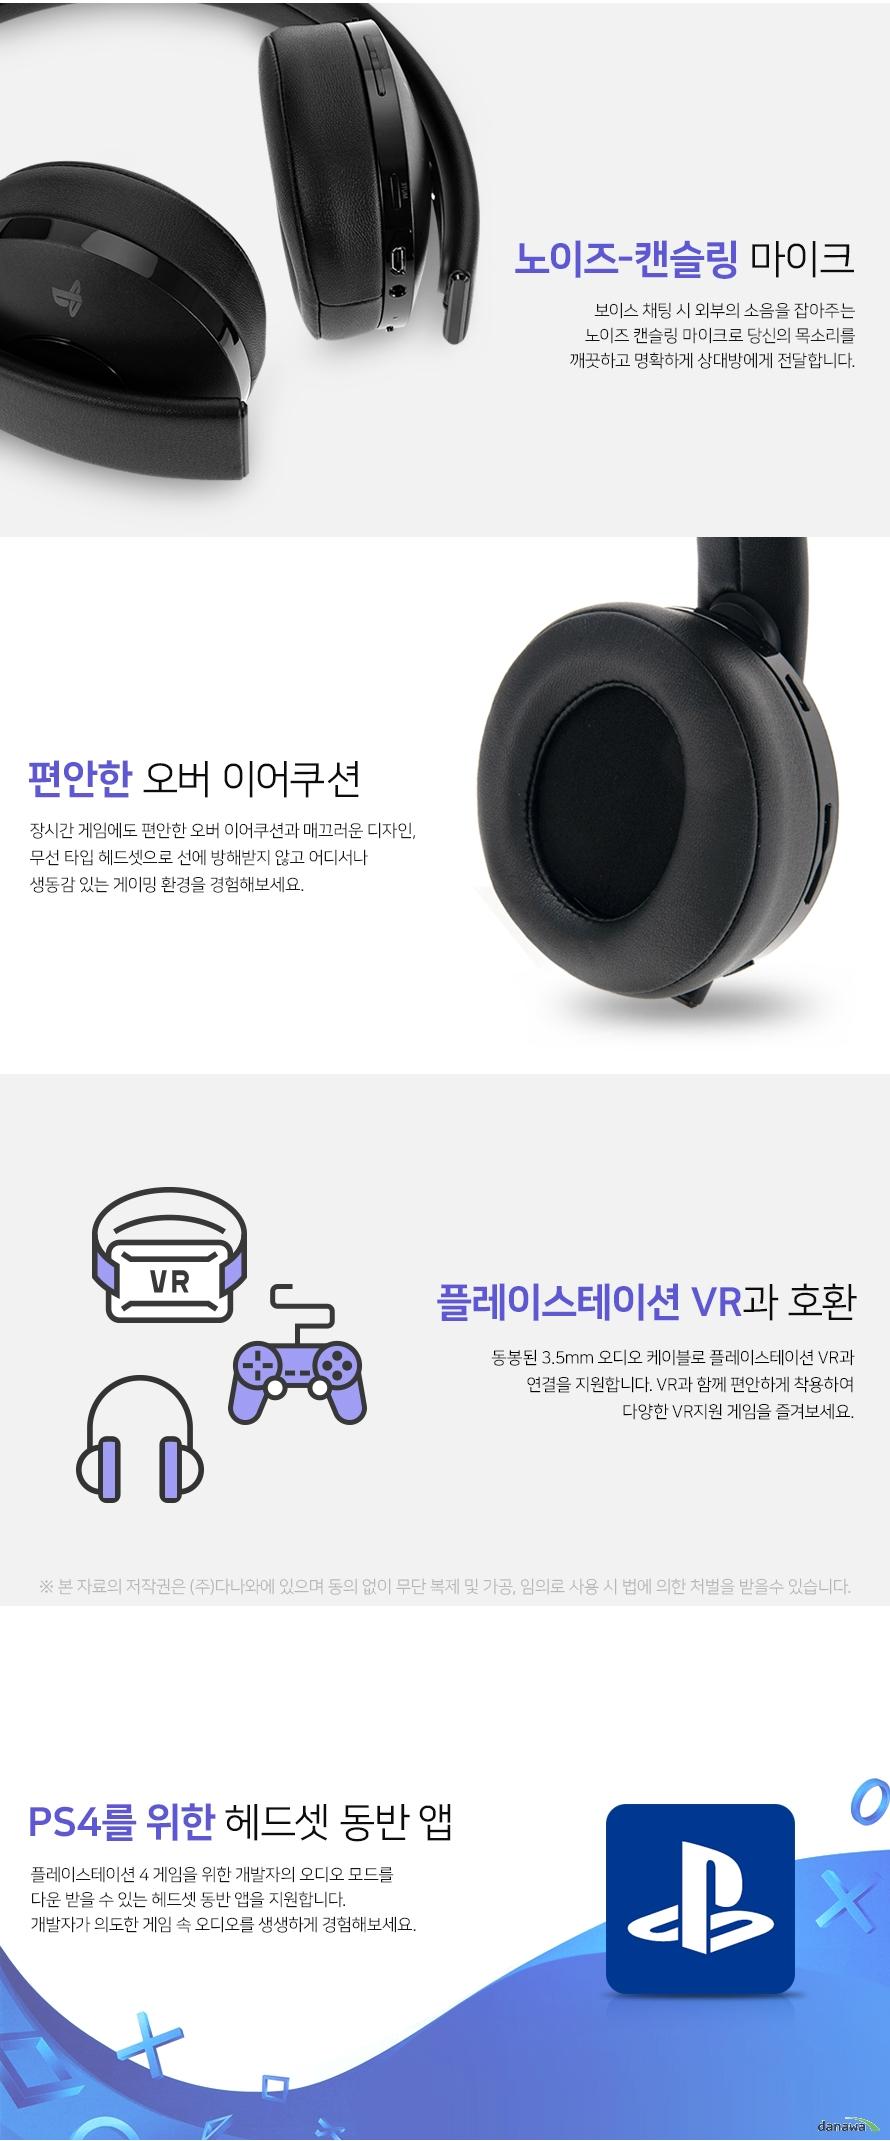 [촬영상품]SONY PS 골드 무선 헤드셋